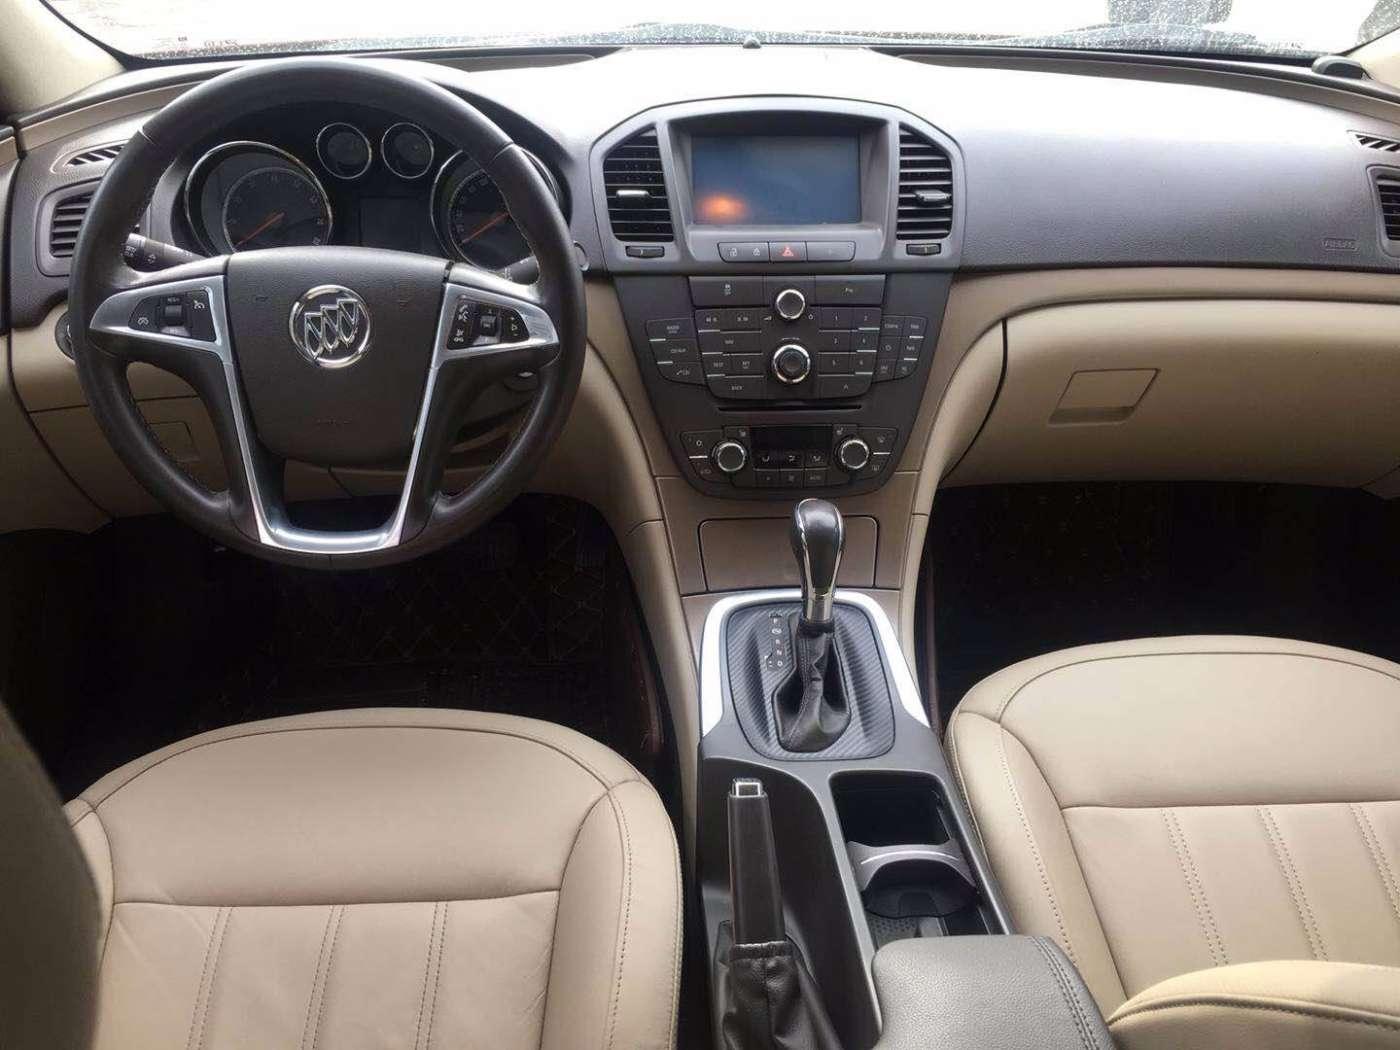 2012年01月 别克 君威 2011款 2.4L SIDI旗舰版|甄选易手车-北京卡斯基汽车服务有限公司